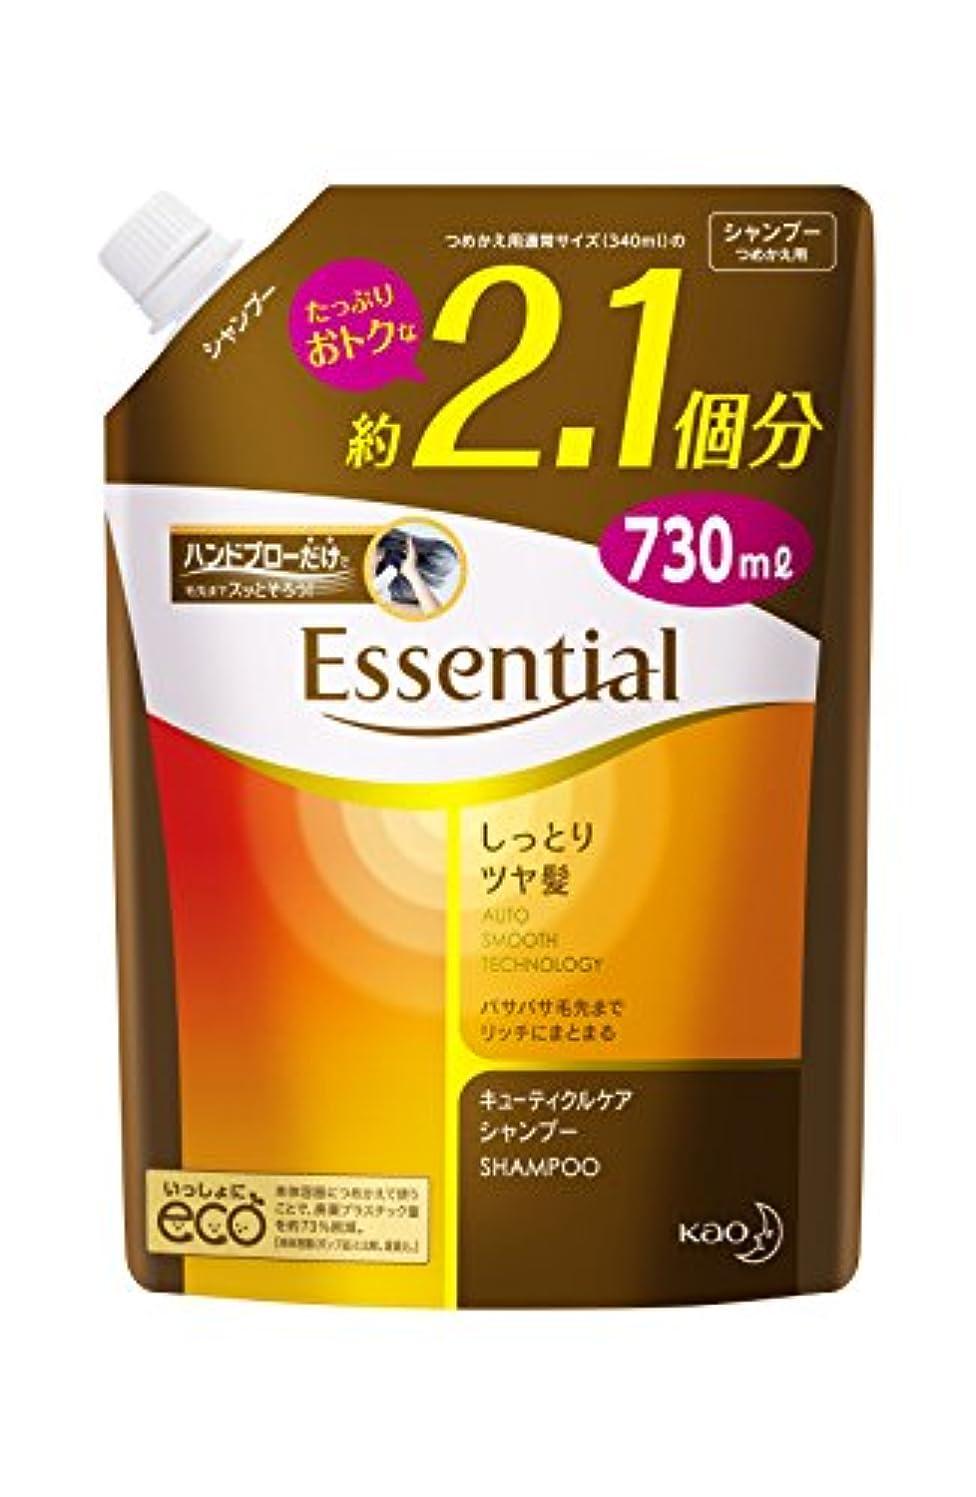 貨物リゾート同意【大容量】エッセンシャル しっとりツヤ髪シャンプー つめかえ用 730ml(2.1個分)